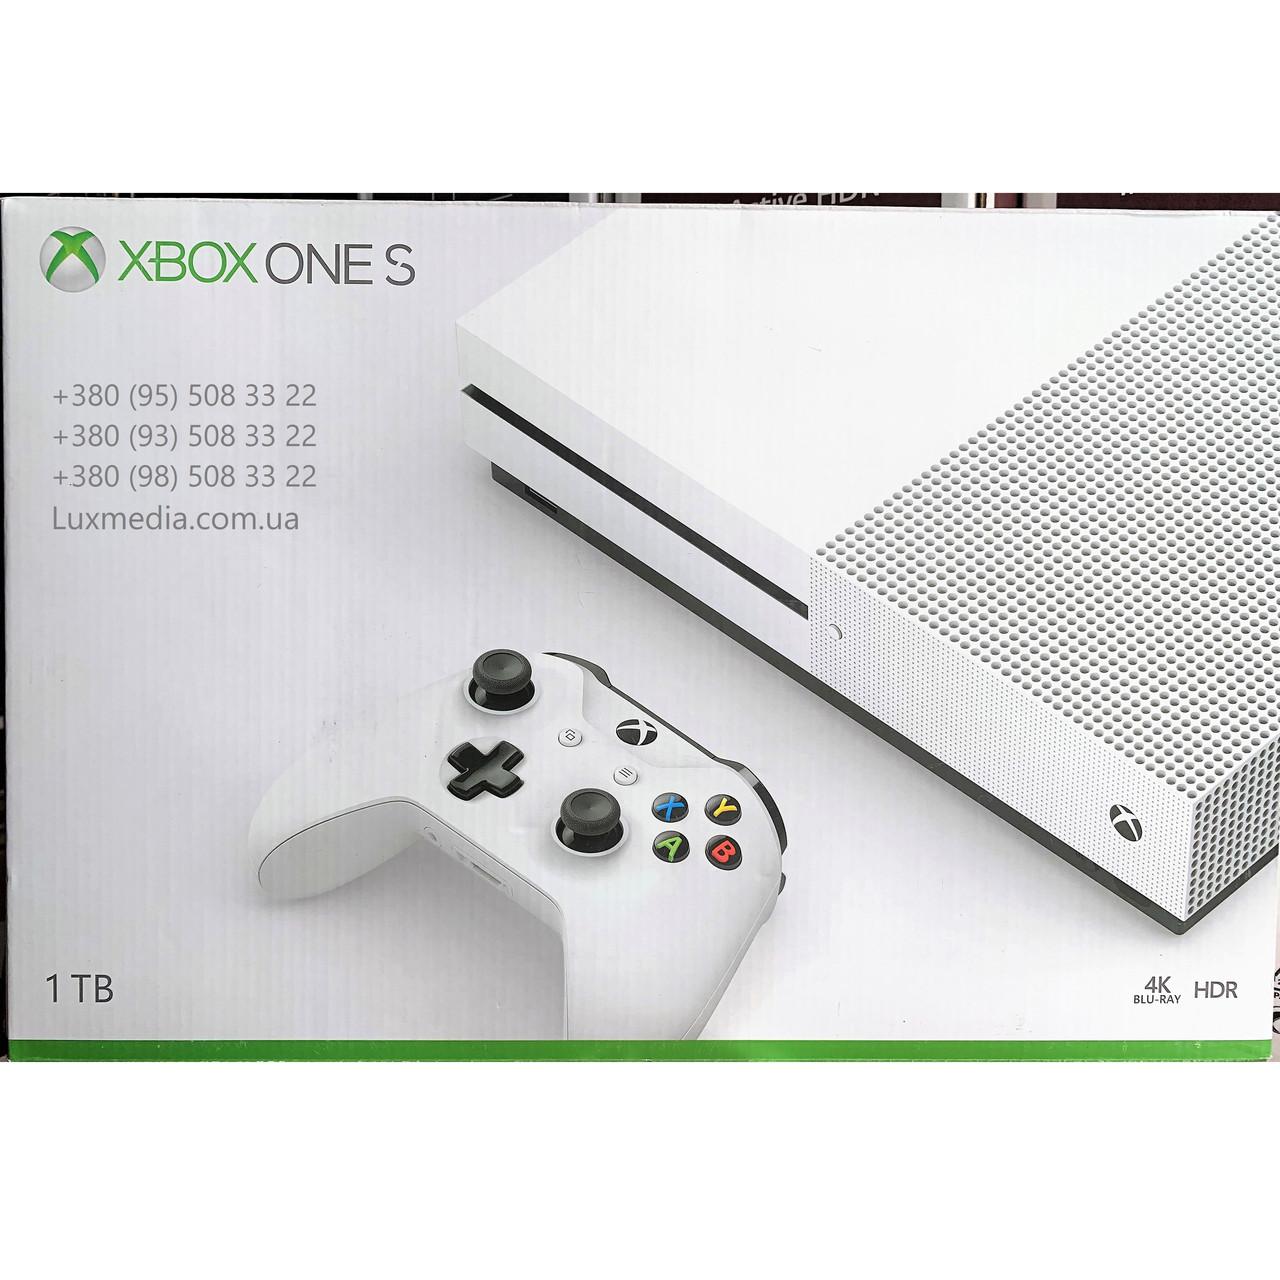 Игровая приставка Microsoft XBOX 360 ONE S 1TB (UltraHD 4K, Blu-Ray, HDR)